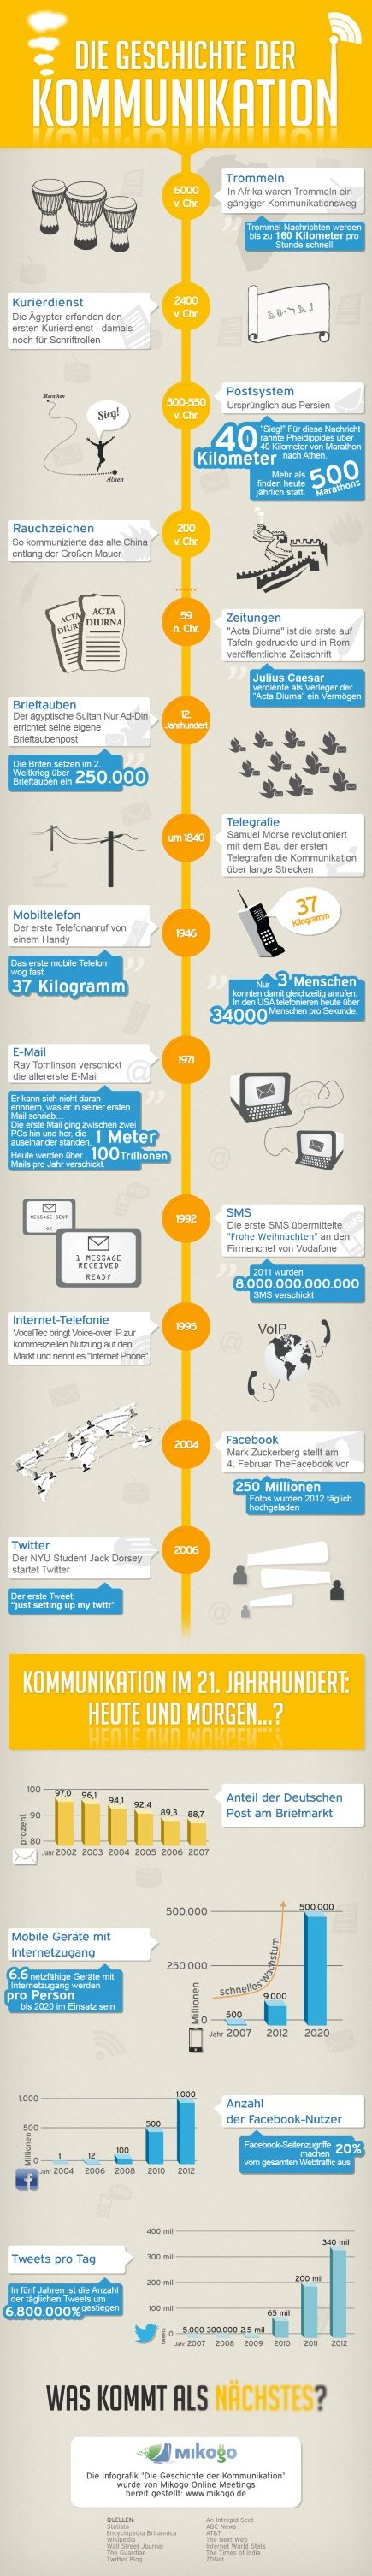 #Infografik: Die Geschichte der Kommunikation von 6000 v. Christi bis heute. via @punktefrau